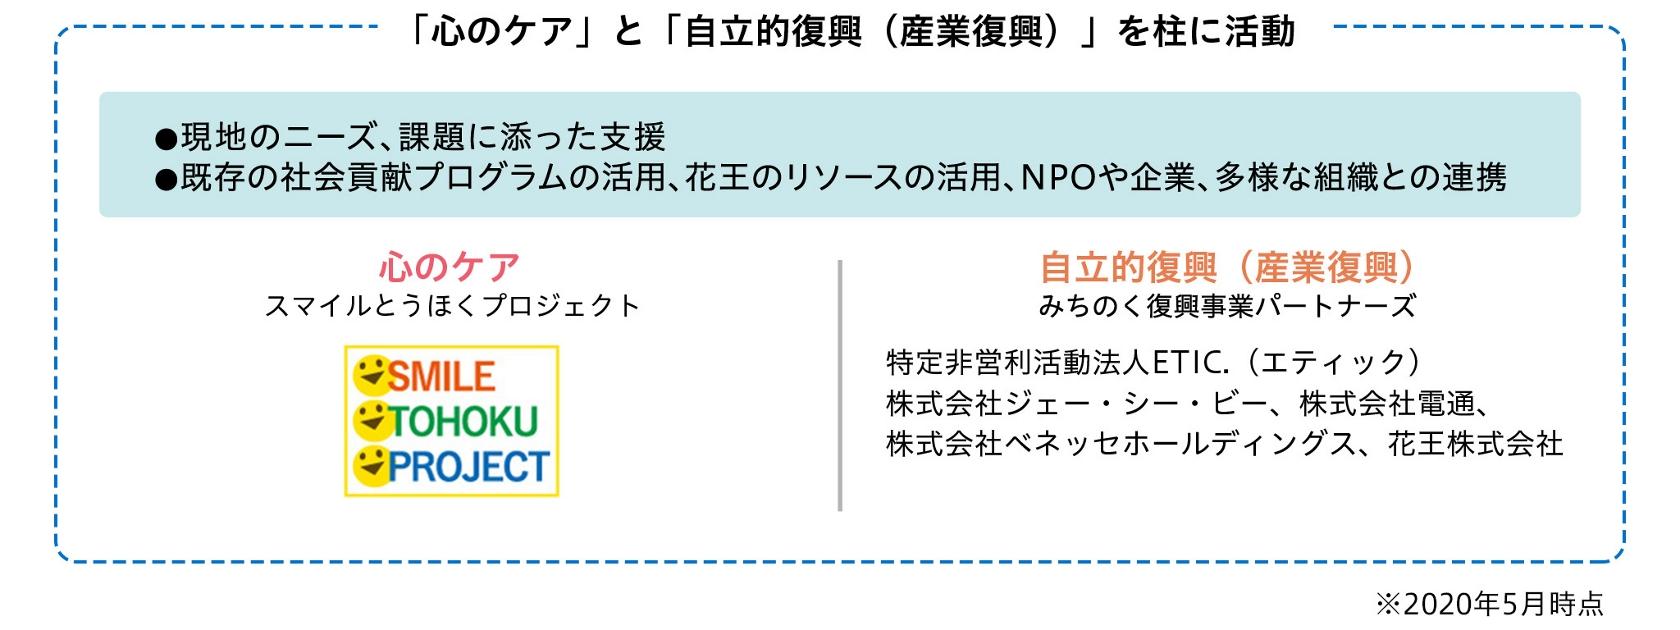 東日本 大震災 クリック 募金